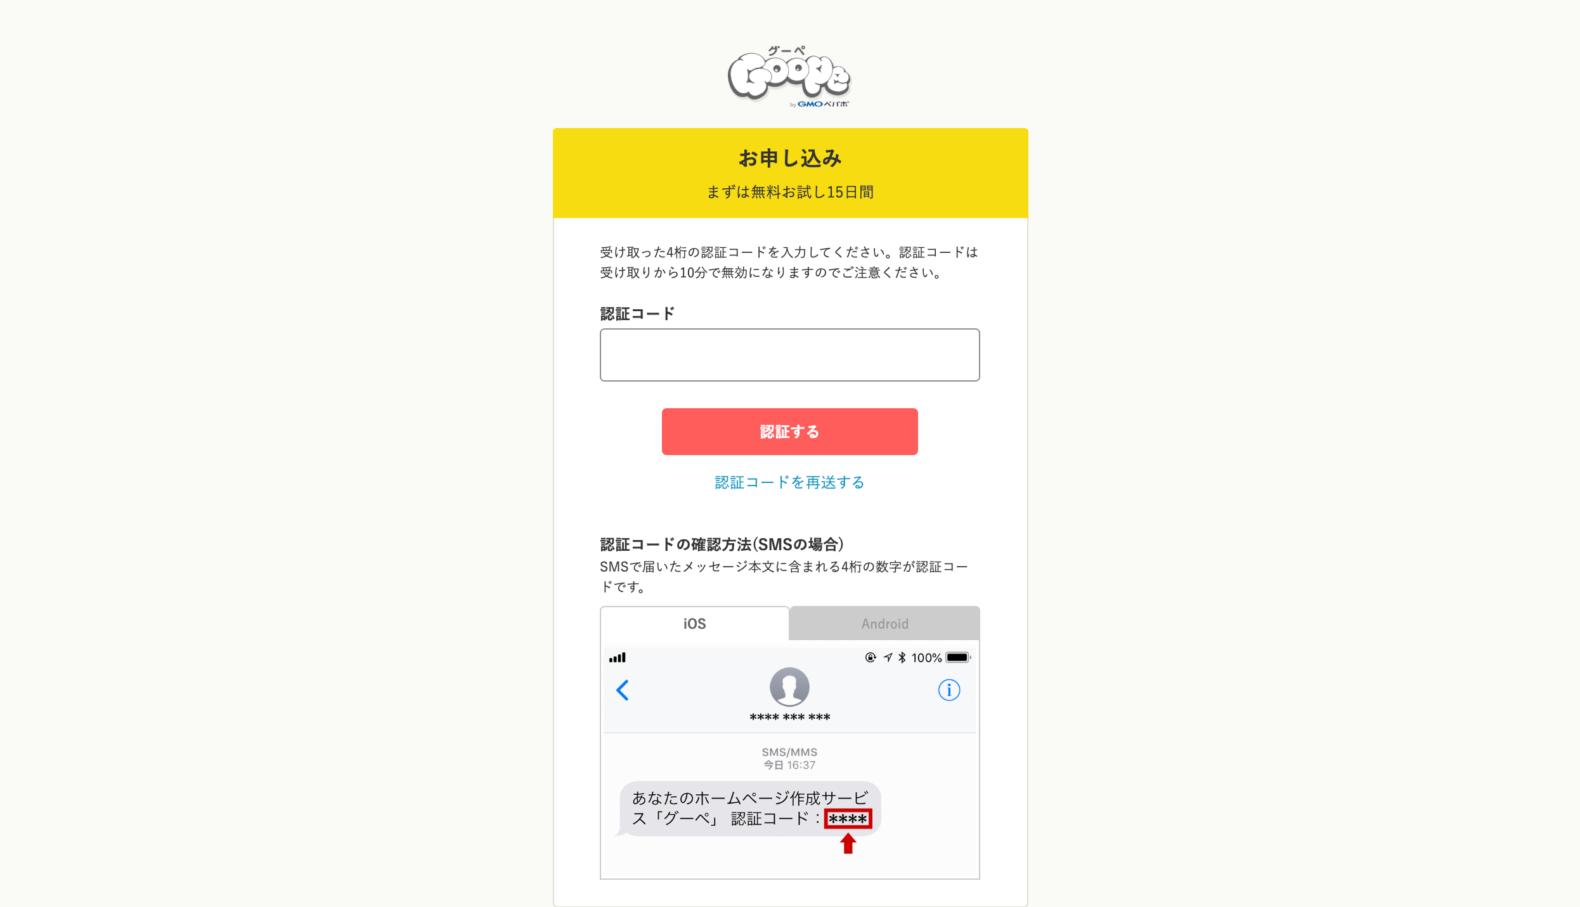 グーペに登録・無料体験する:電話番号・SMSで認証をする